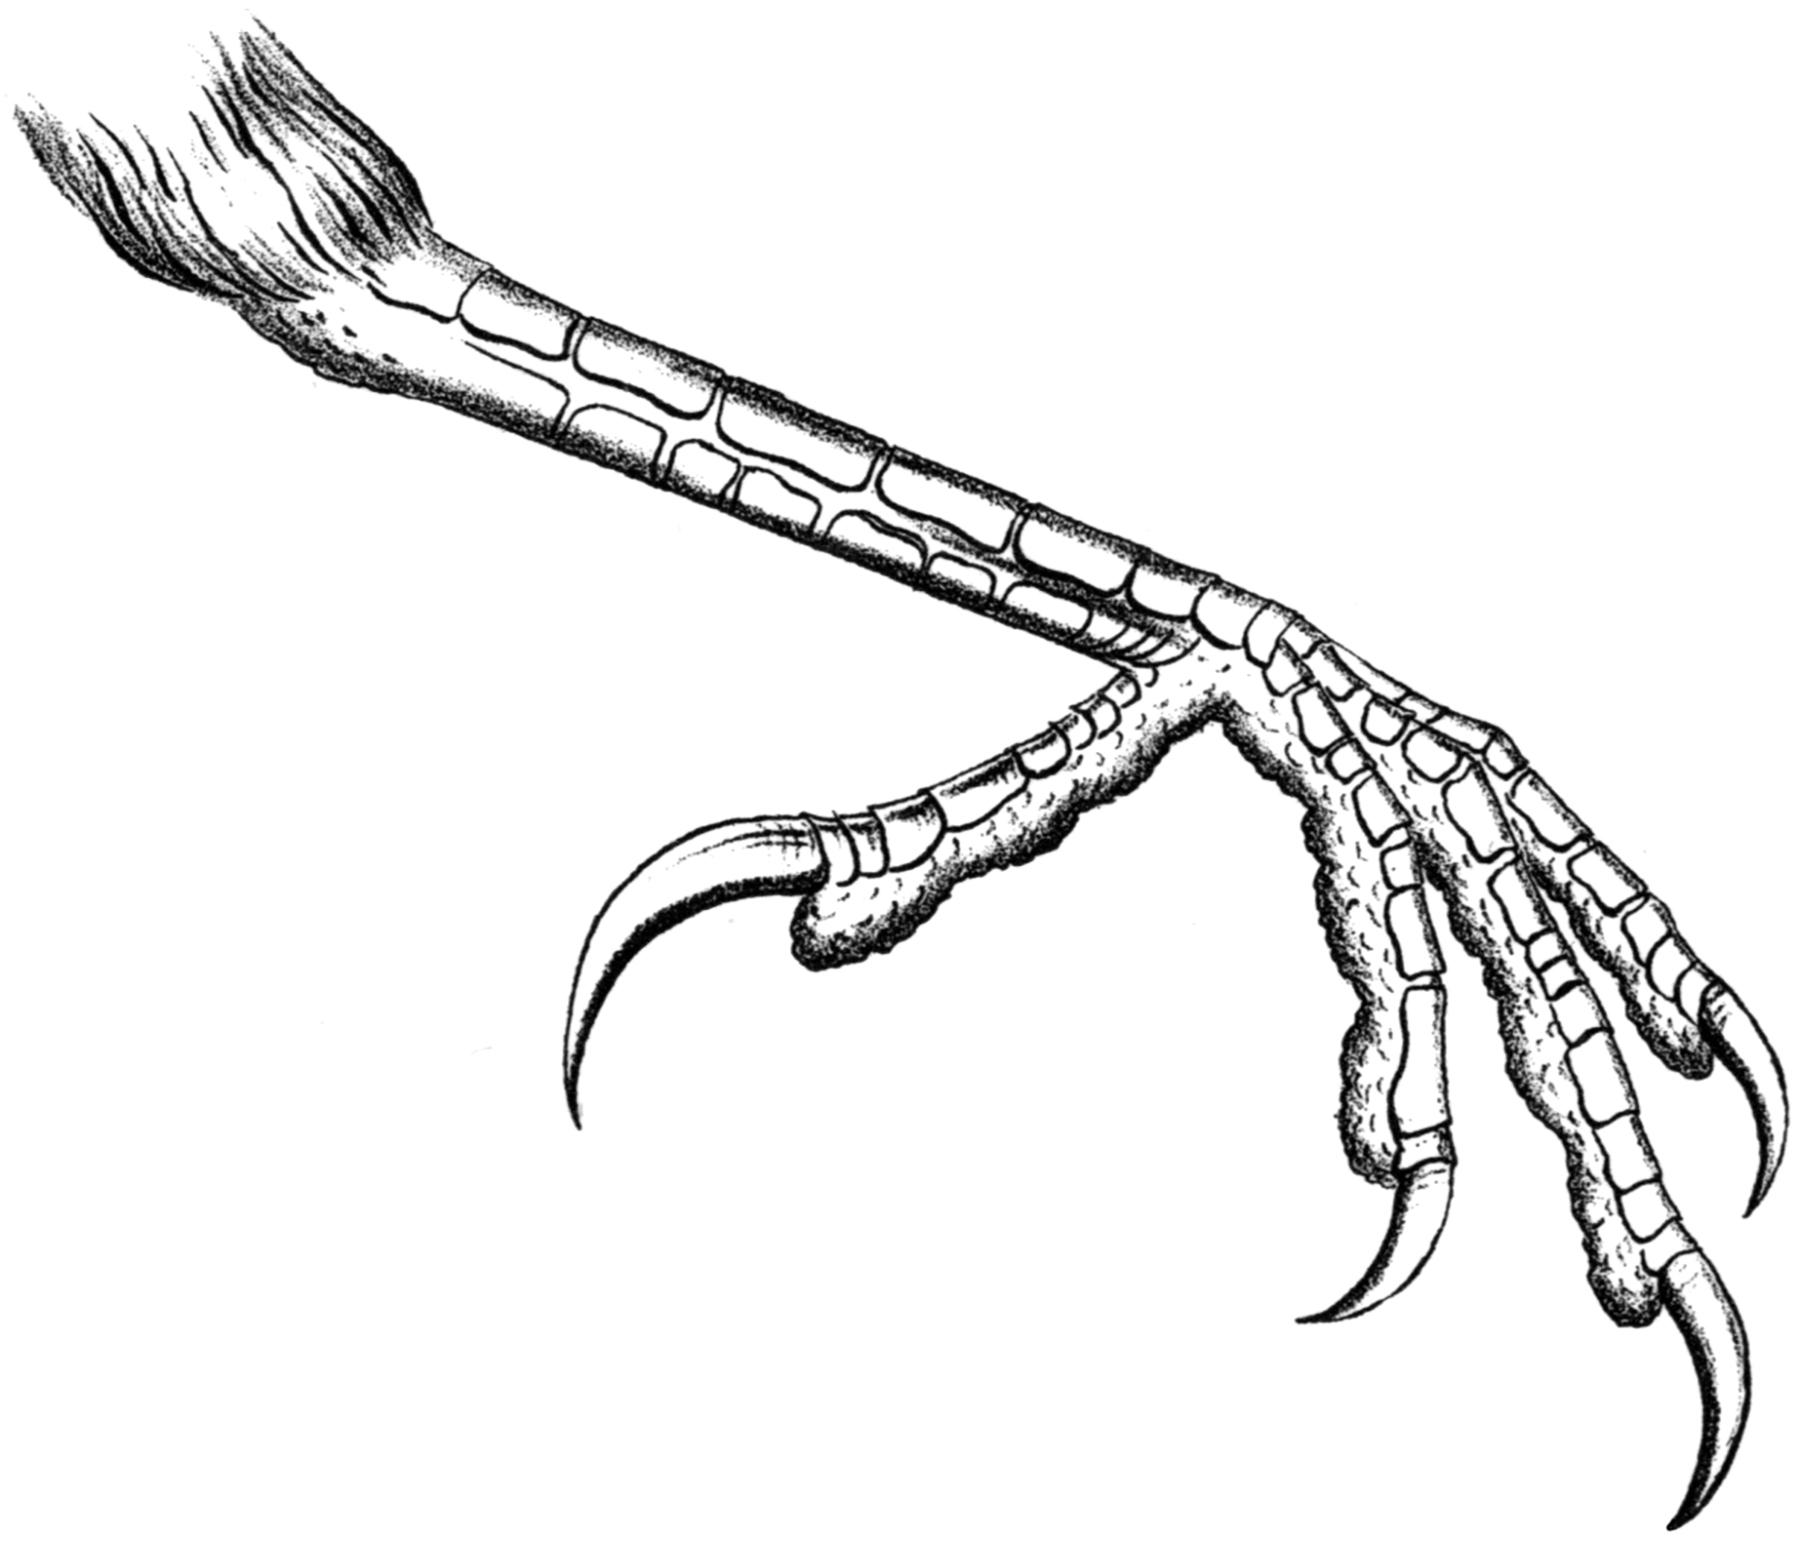 Halloween Crow's Foot Image